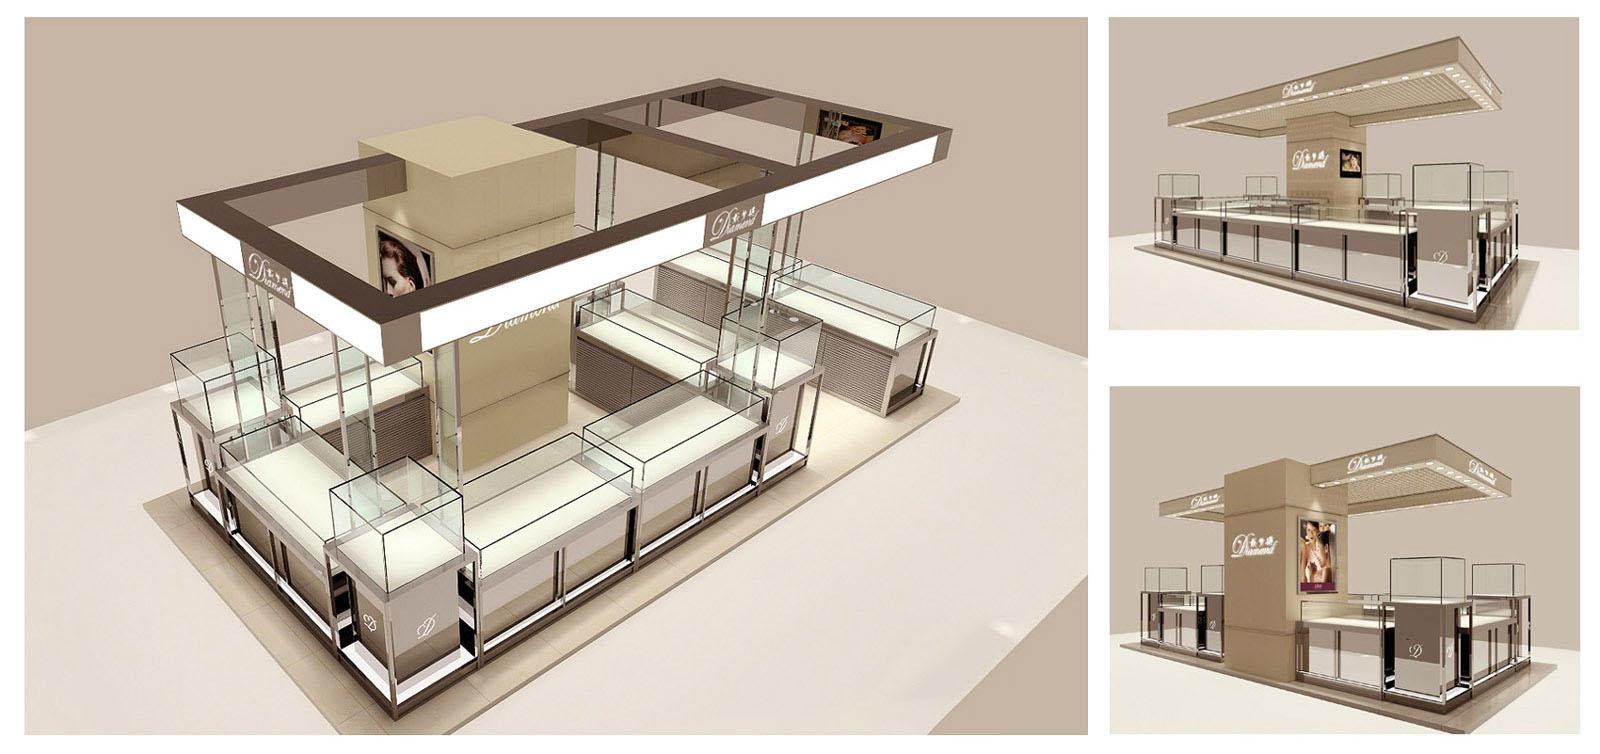 展示柜宁波珠宝店面设计宁波珠宝展示柜制作和设计